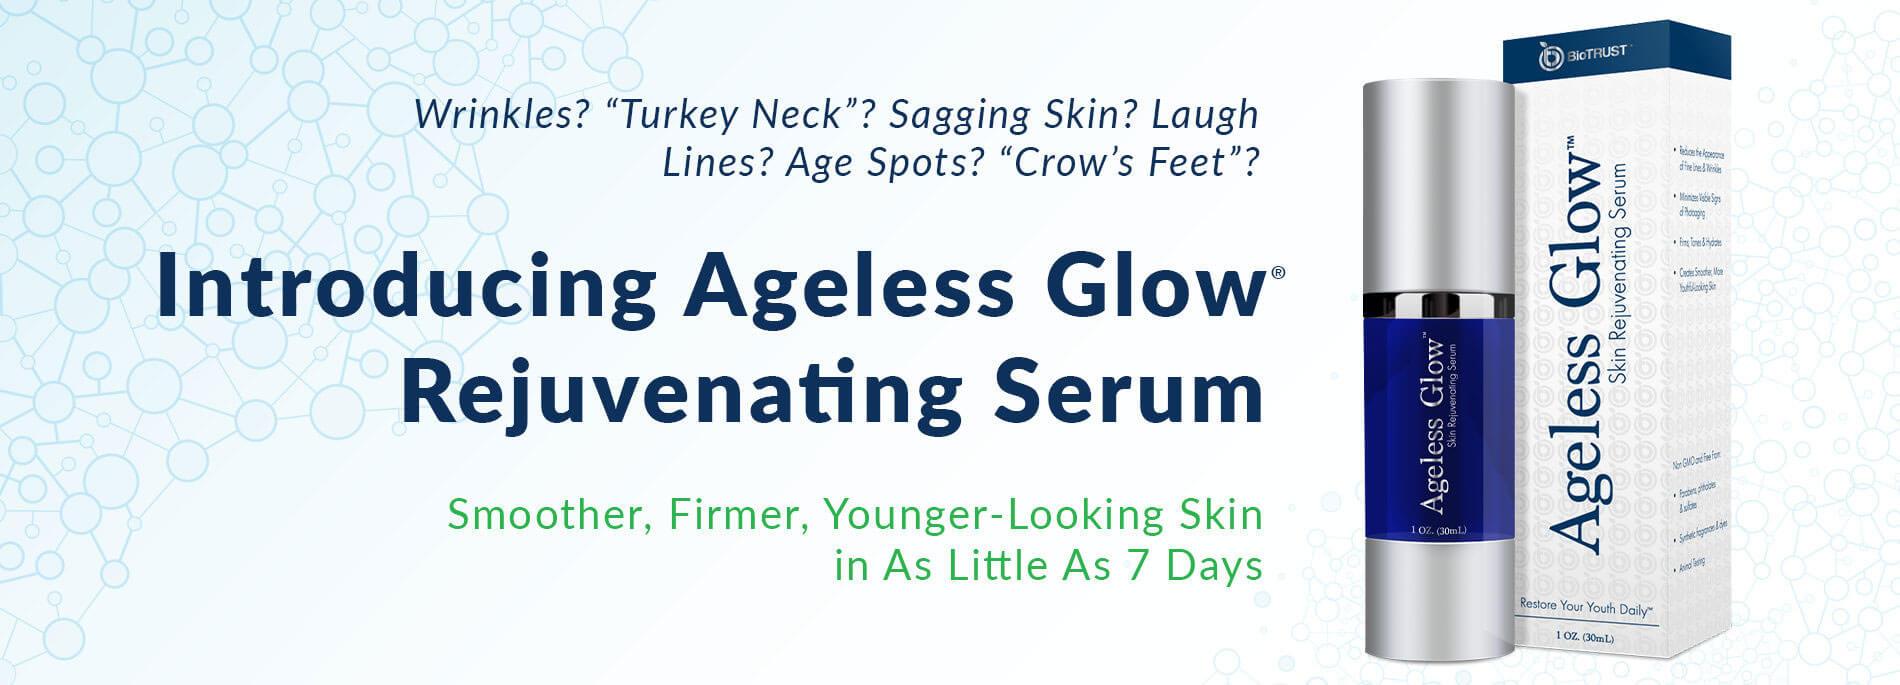 Ageless Glow